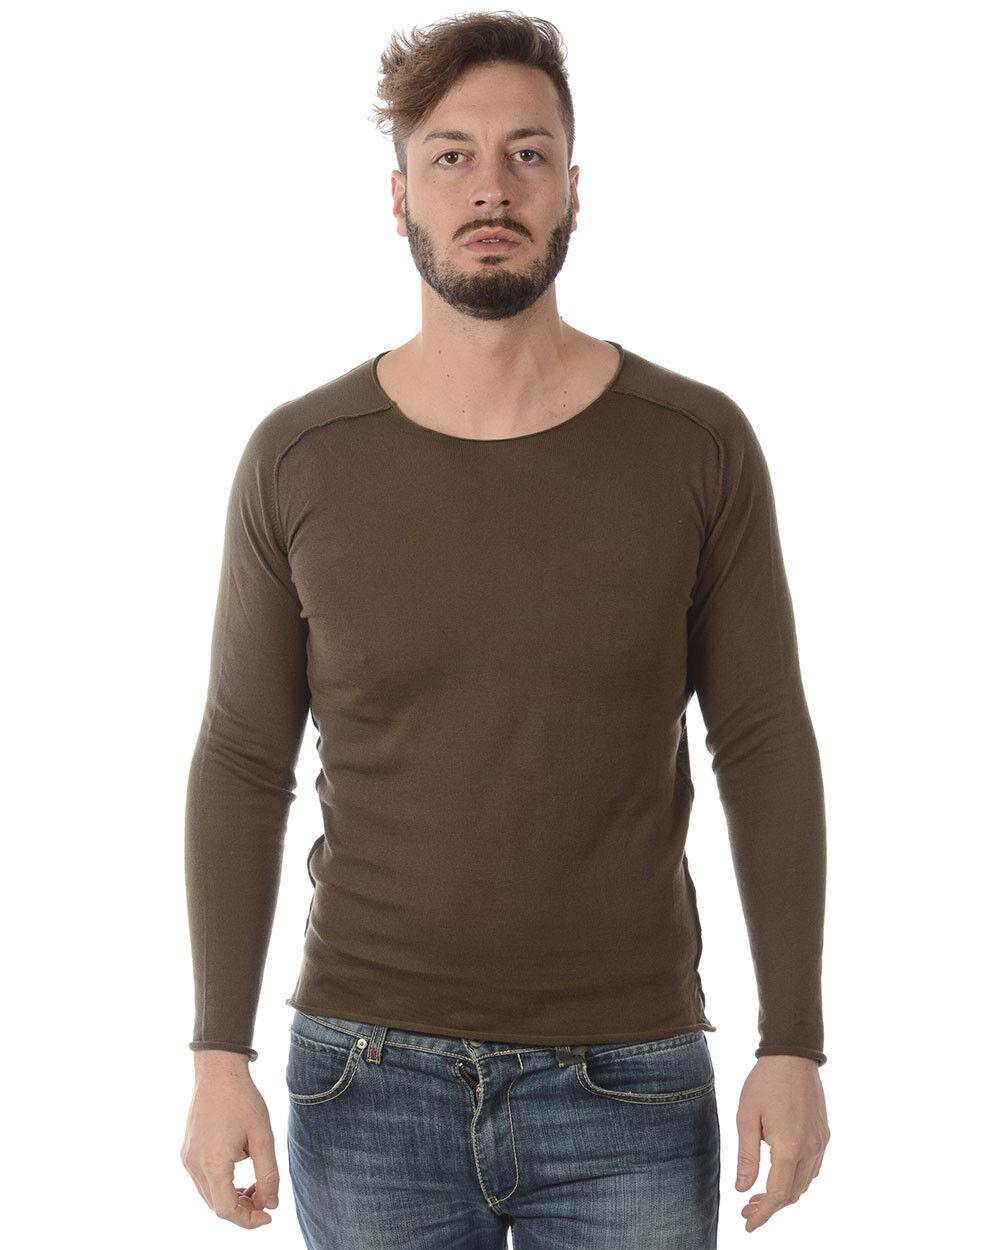 Maglia Daniele Alessandrini Sweater P/E Cotone  Herren Verde FM911263702 142